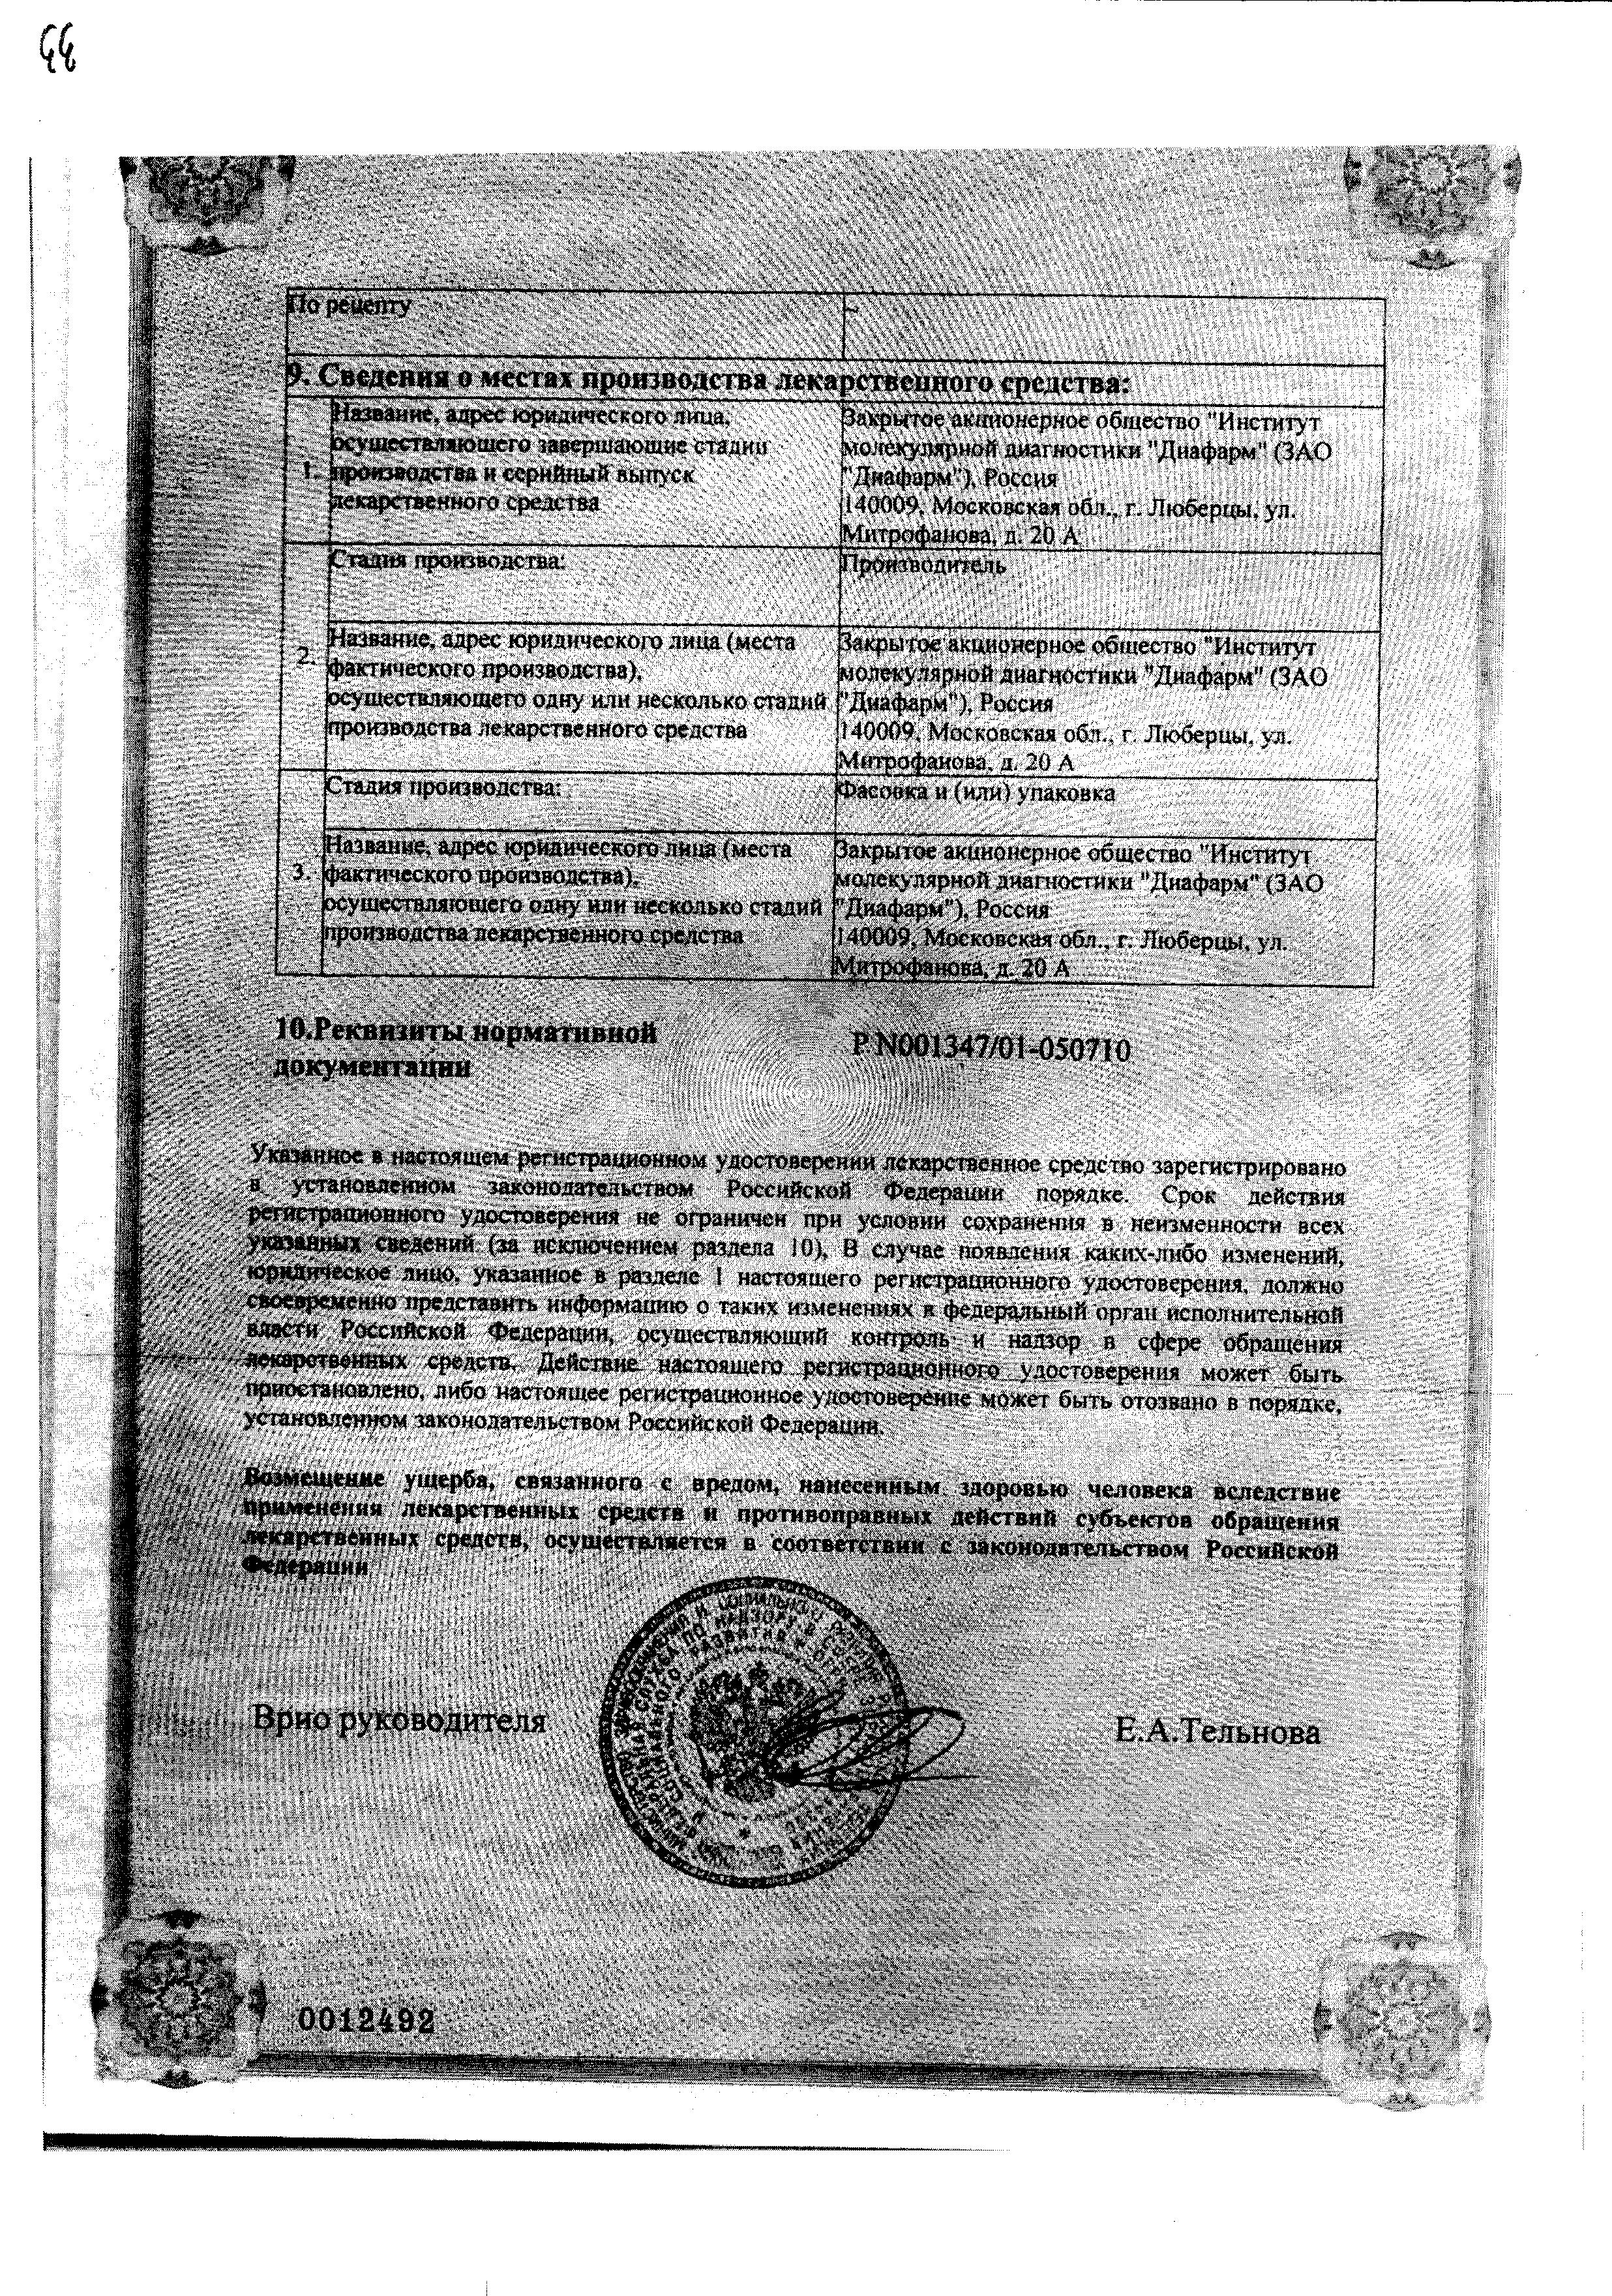 Пилокарпин-ДИА сертификат